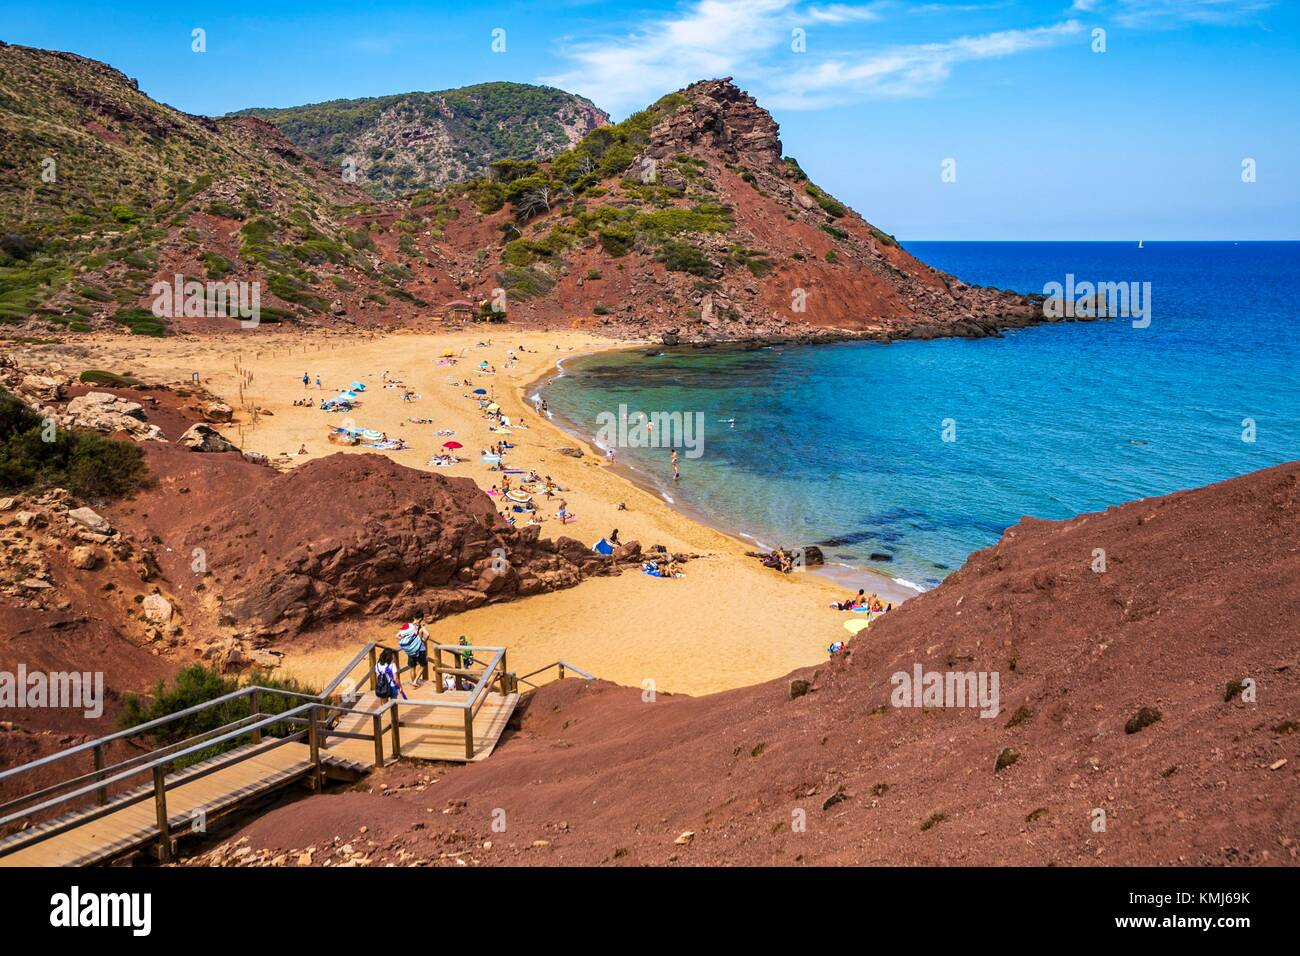 Playa Cala Pilar. El municipio de Ciutadella de Menorca. Menorca. Islas Baleares. España Imagen De Stock